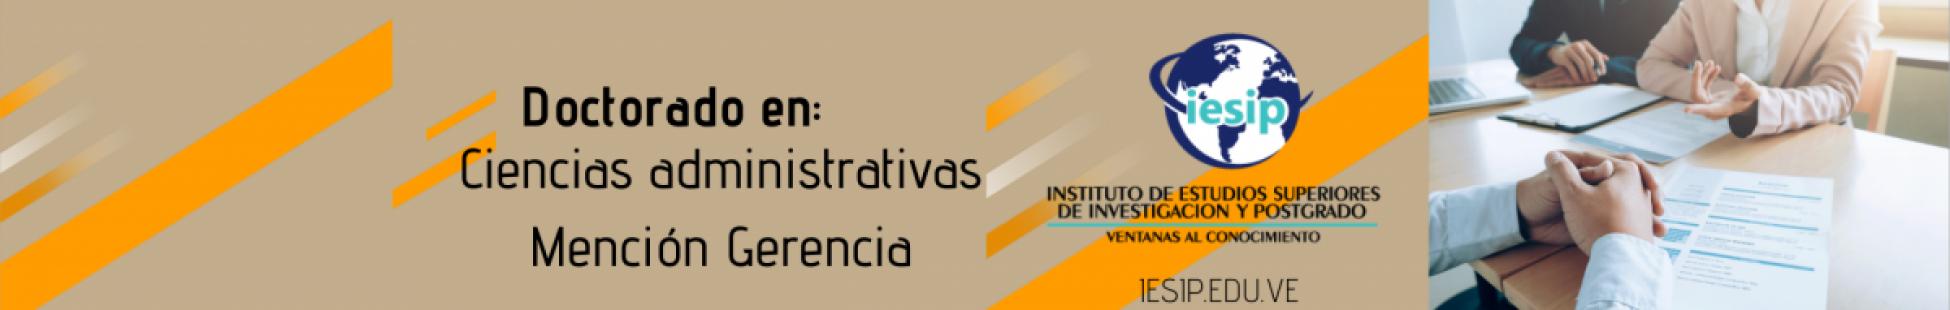 cintillo_drado_csadministrativas